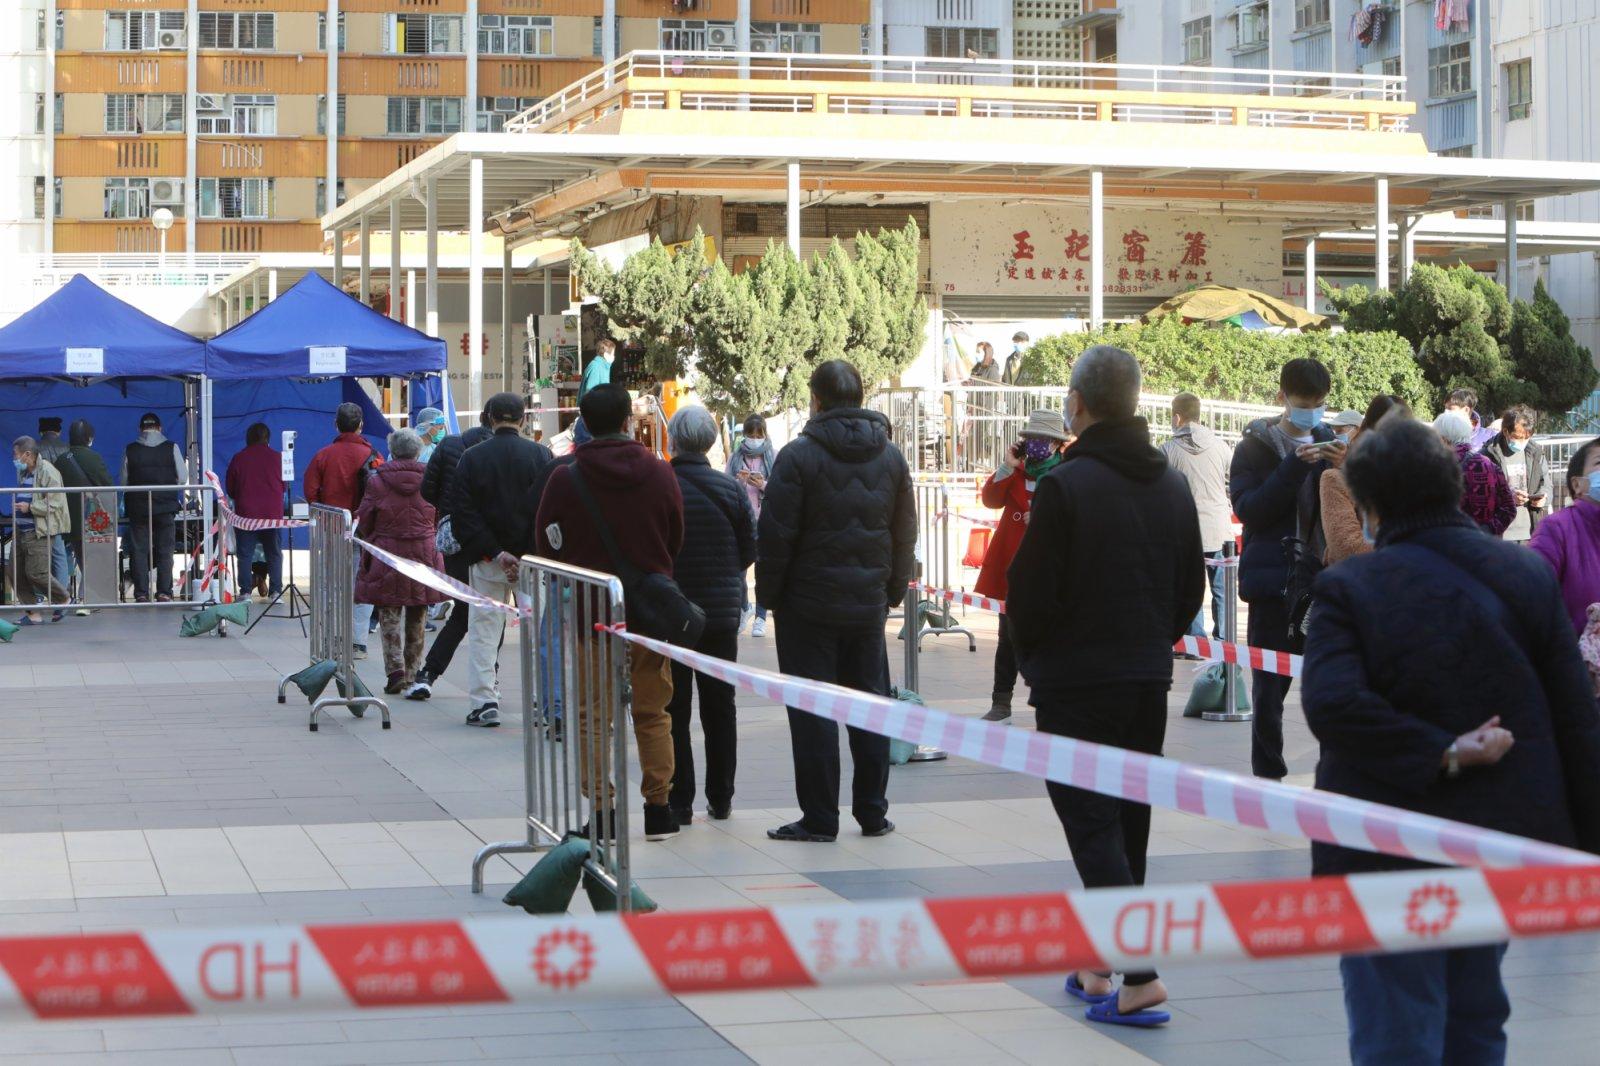 1月13日,大批市民在坪石廣場流動採樣站排隊等待檢測。香港中通社圖片